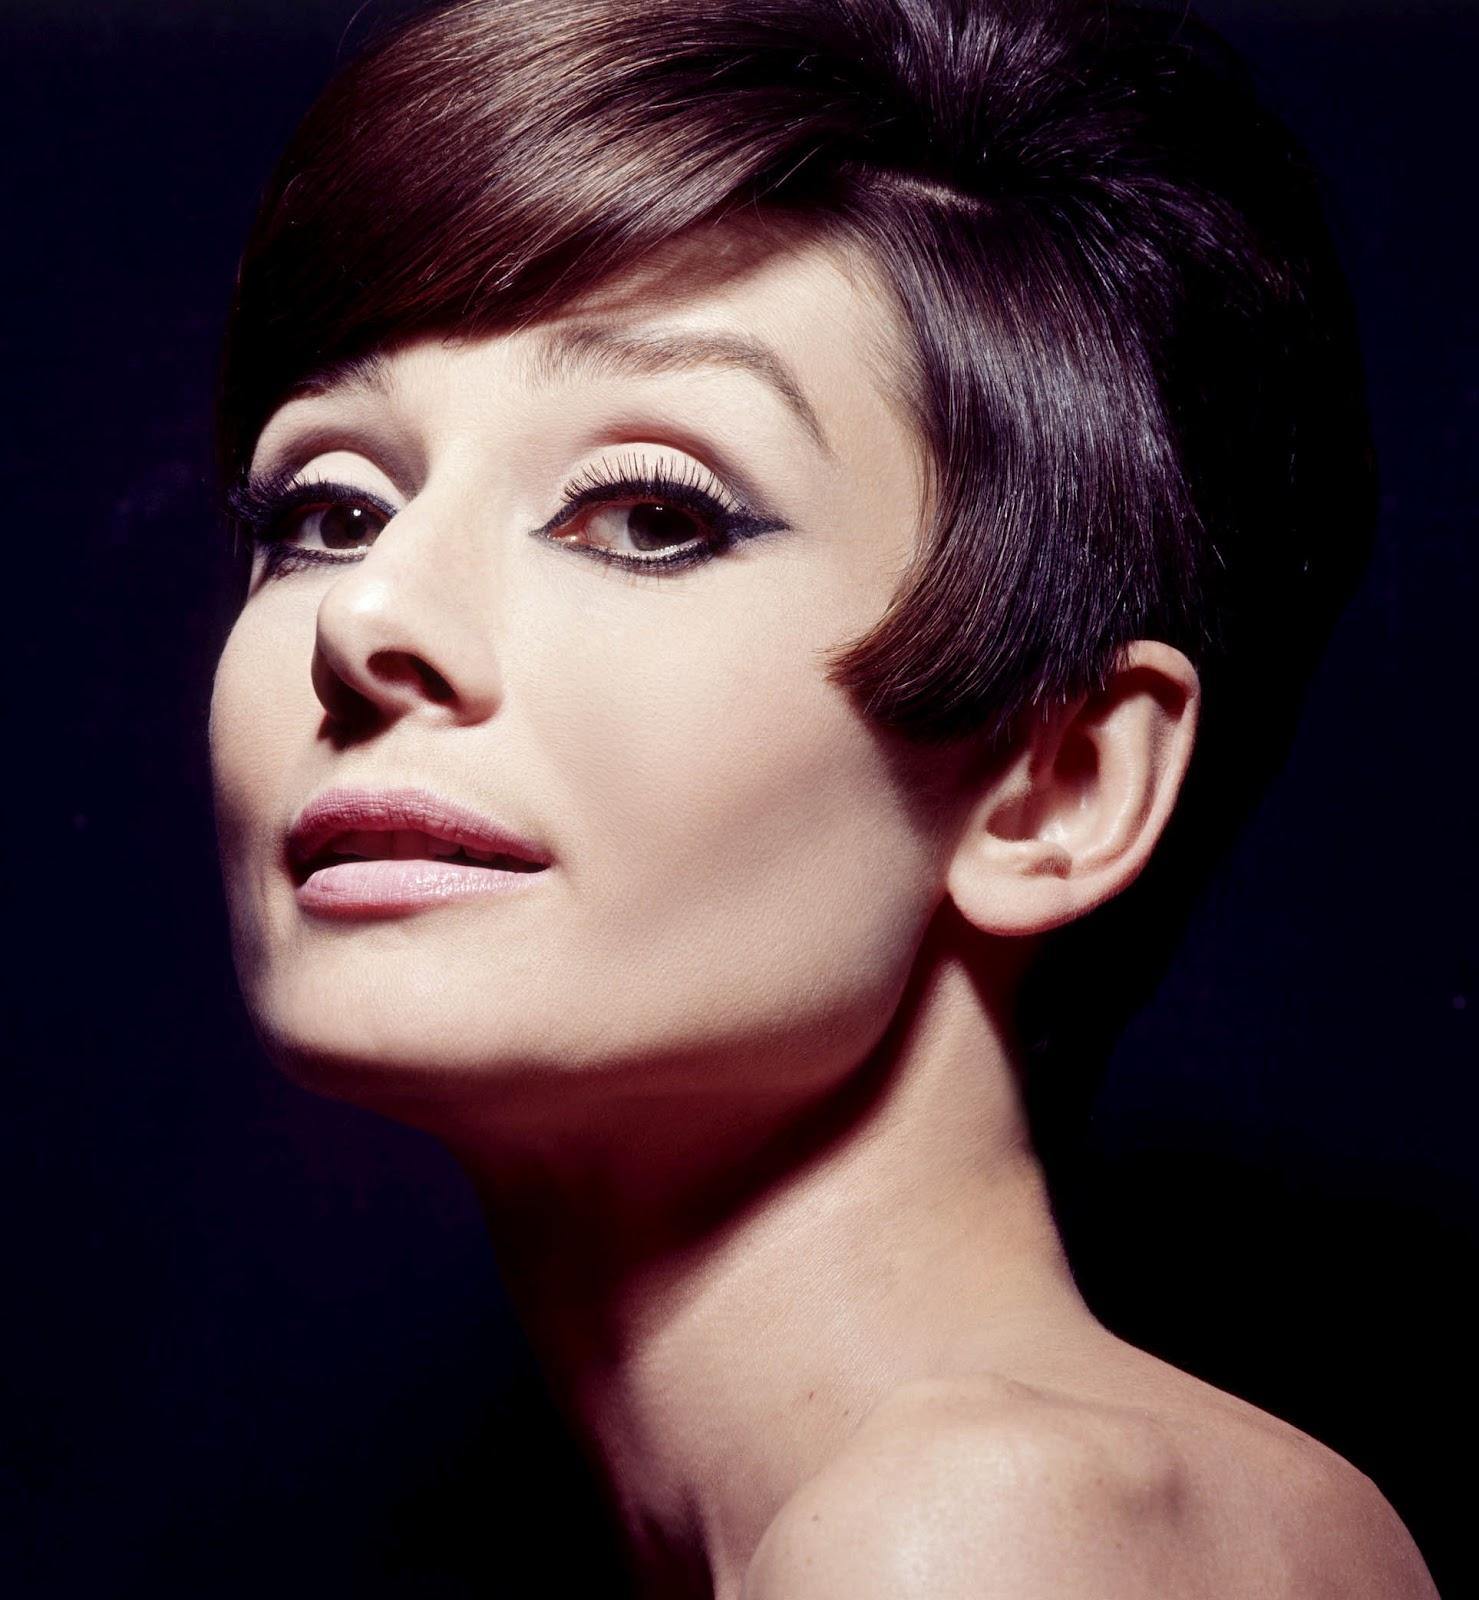 http://1.bp.blogspot.com/-99tioNVHfsM/UBpHQNzJ32I/AAAAAAAAHOM/rxnTl0XRG5M/s1600/Audrey+Hepburn+style+-How+to+Steal+a+Million.jpg